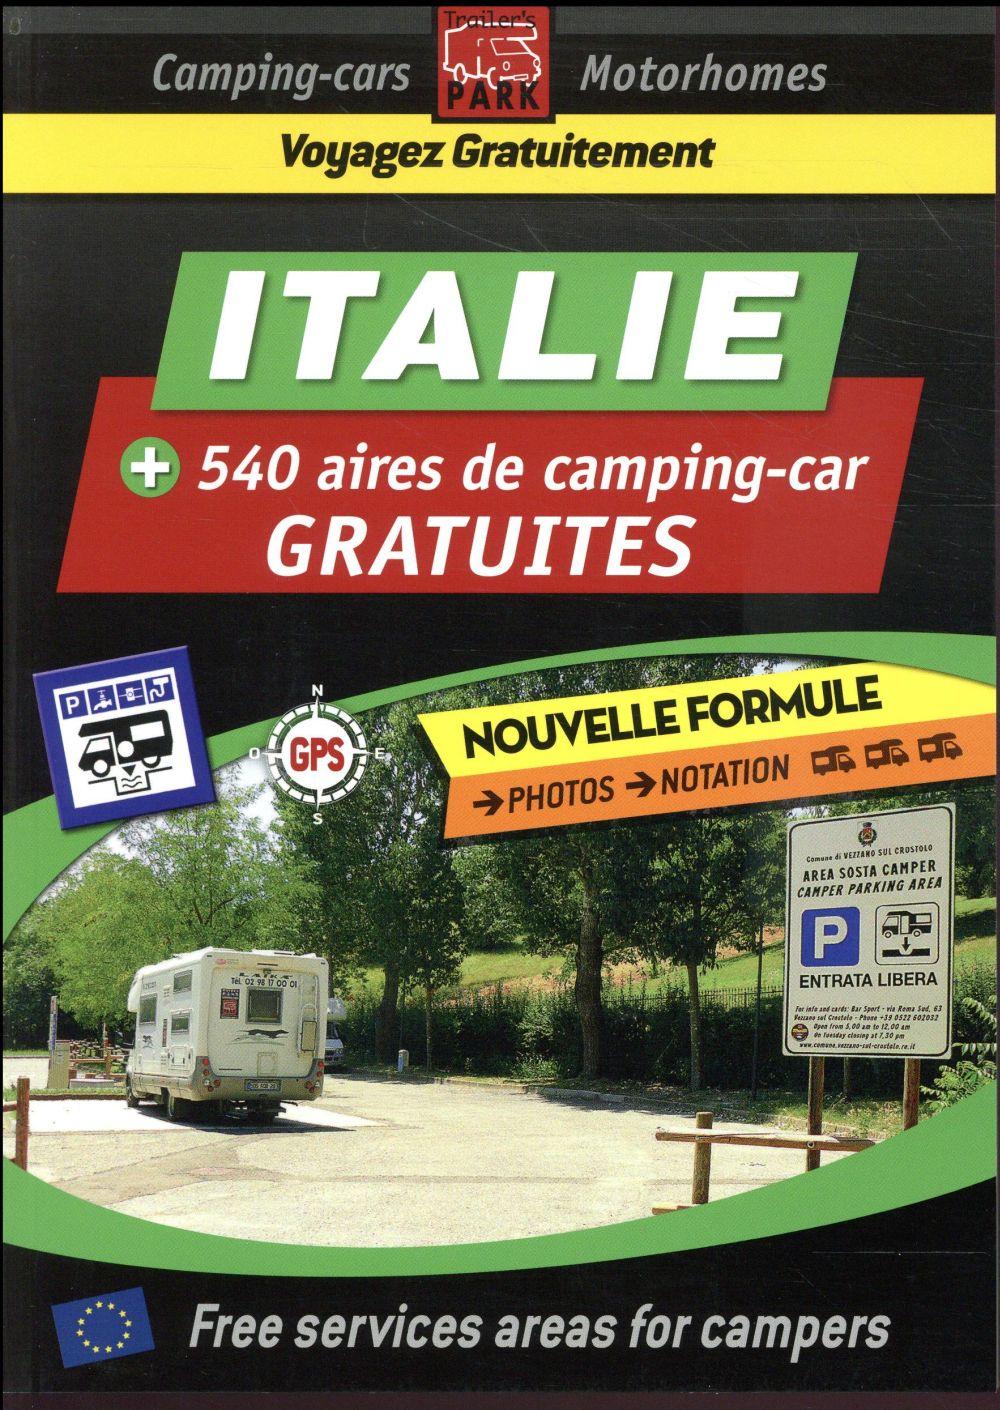 GUIDE DES AIRES DE SERVICES ; Italie, 560 aires de camping-car gratuites